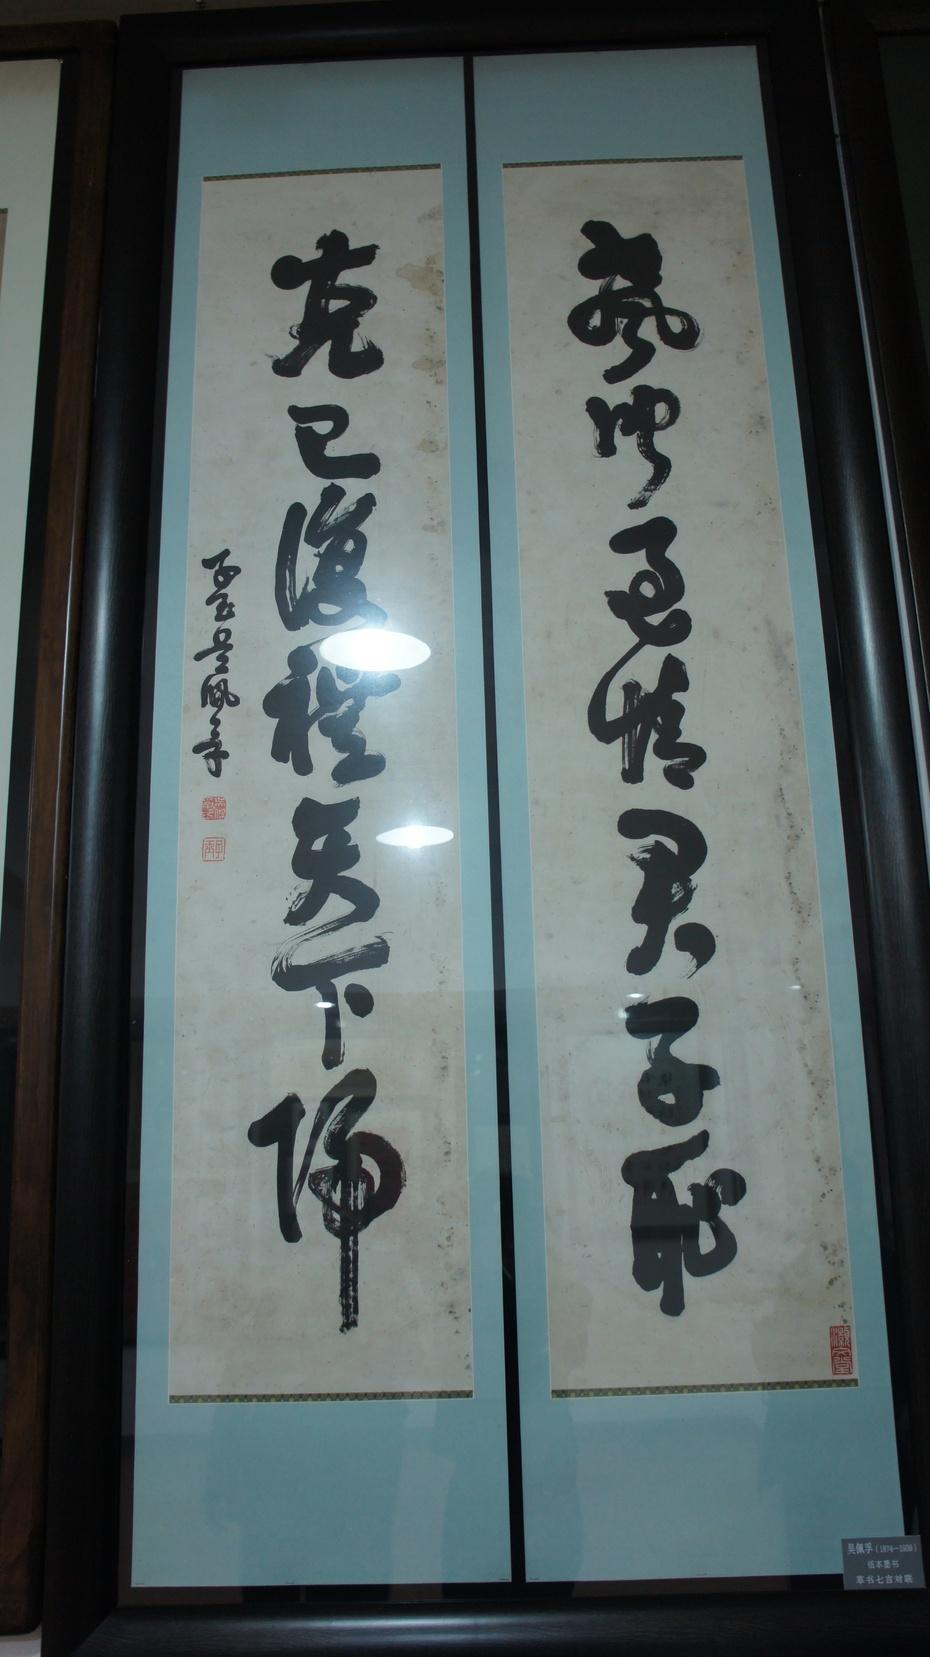 难得一见的民国书法 - 余昌国 - 我的博客